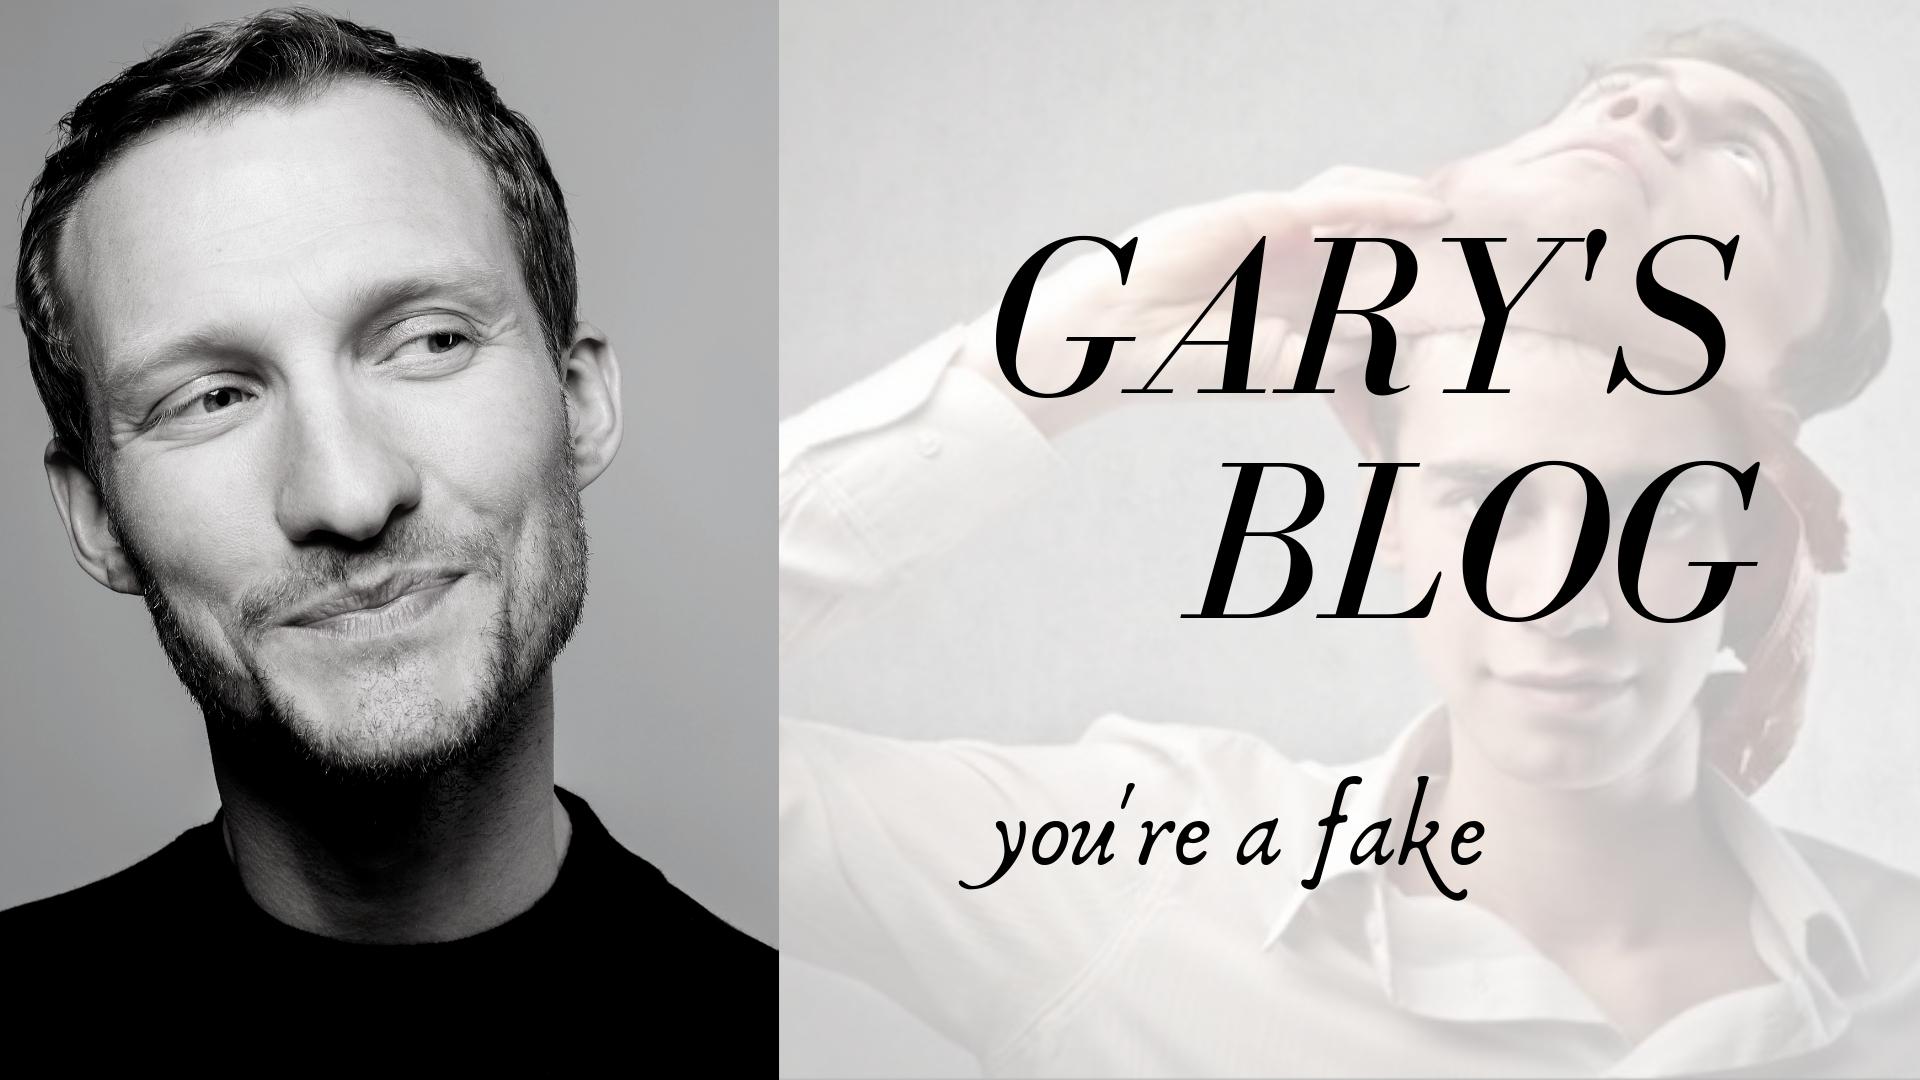 Garys Blog (7).jpg